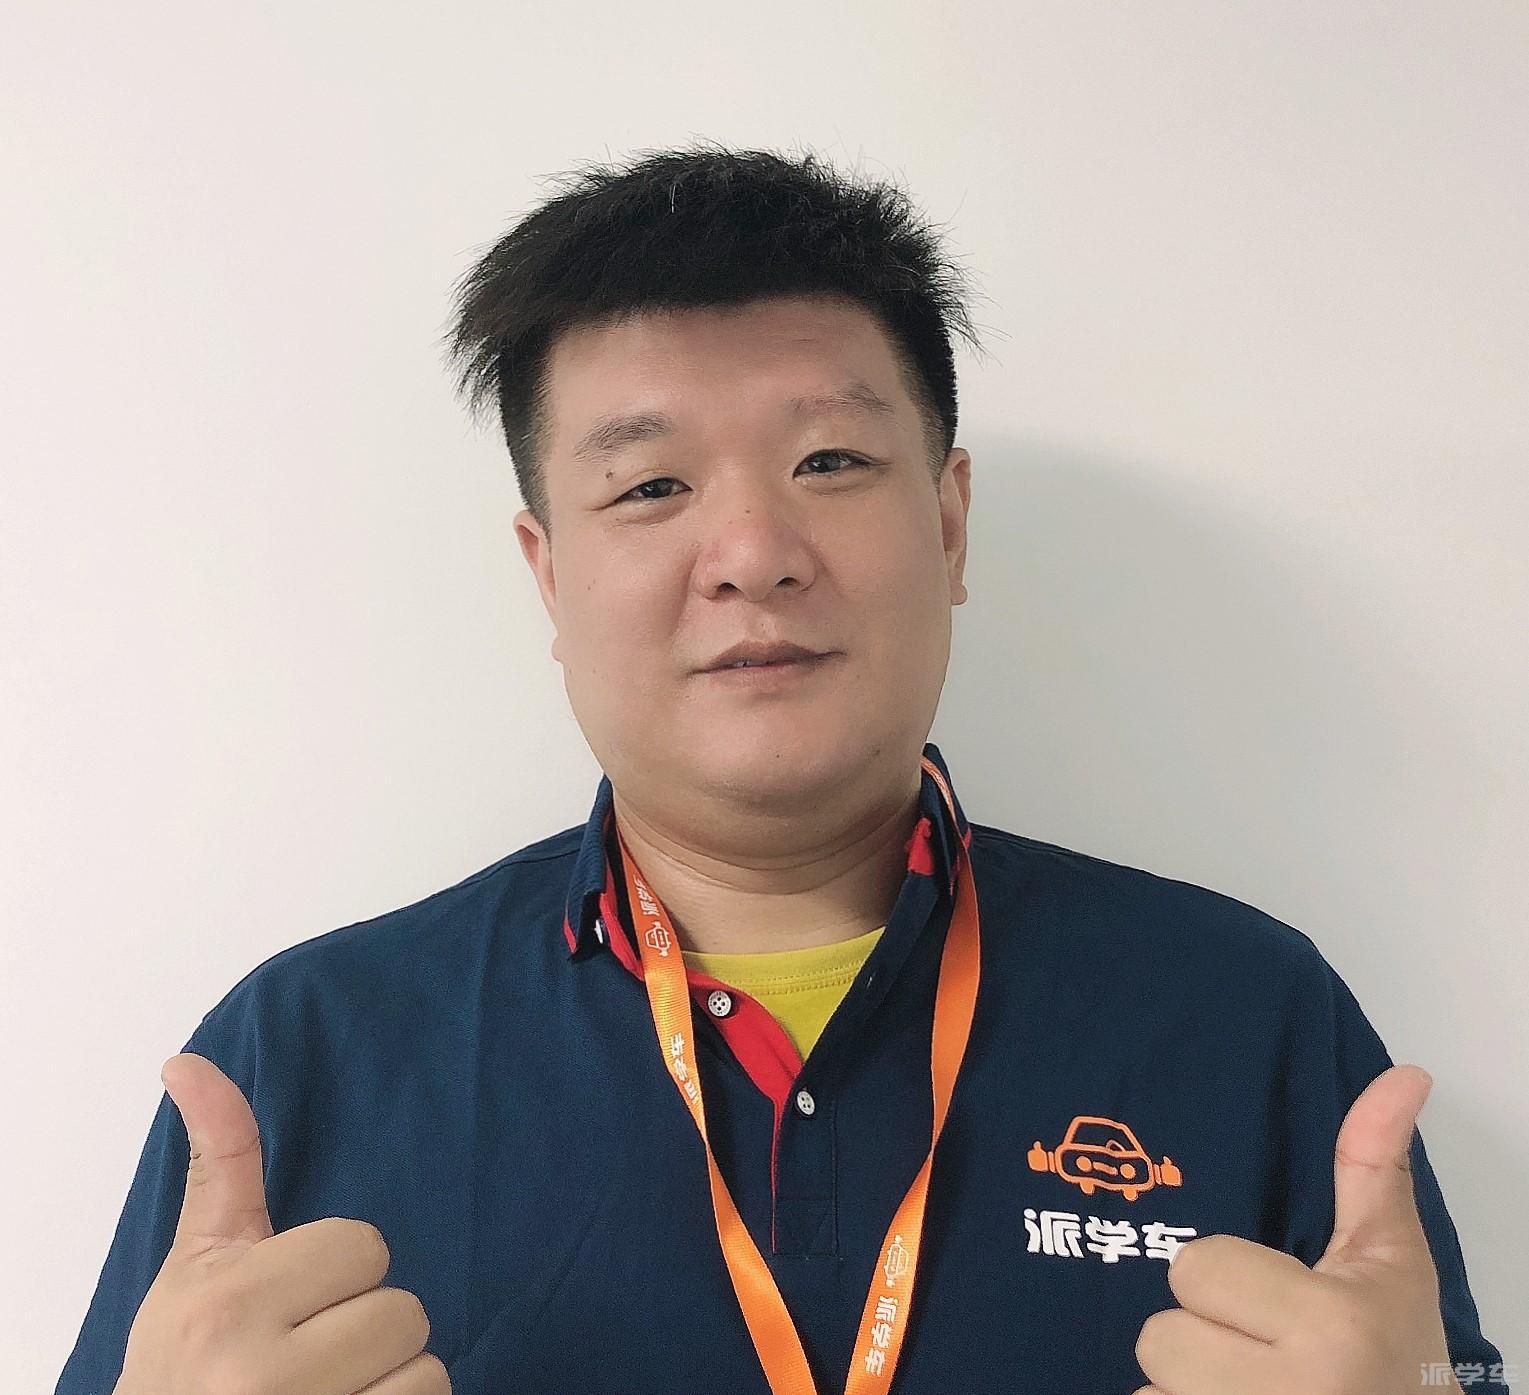 教练唐春叶